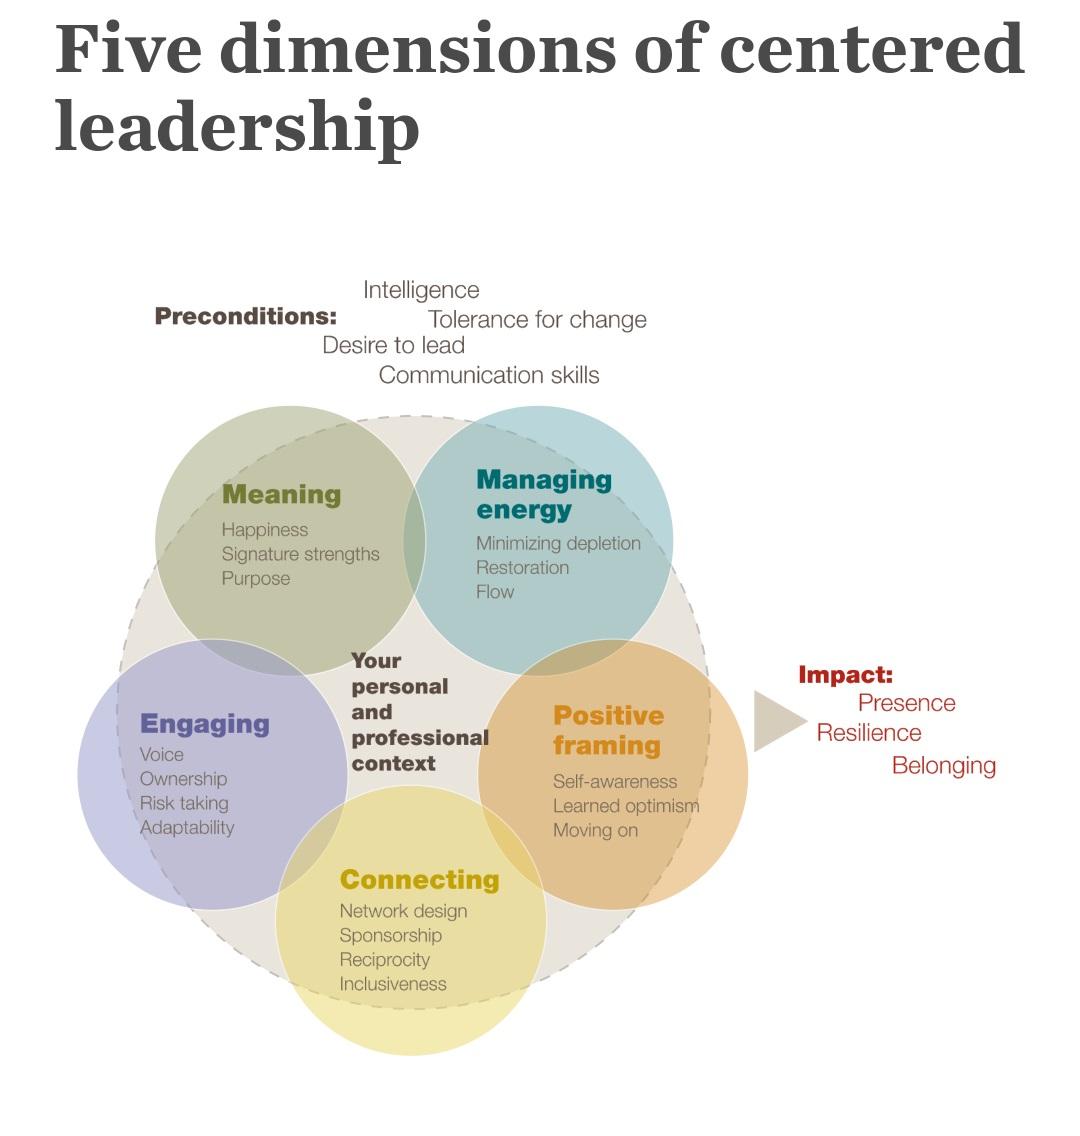 Cinque capacità sono predominanti per sviluppare un'ottima leadership - Tiziana Pregliasco Pyxis